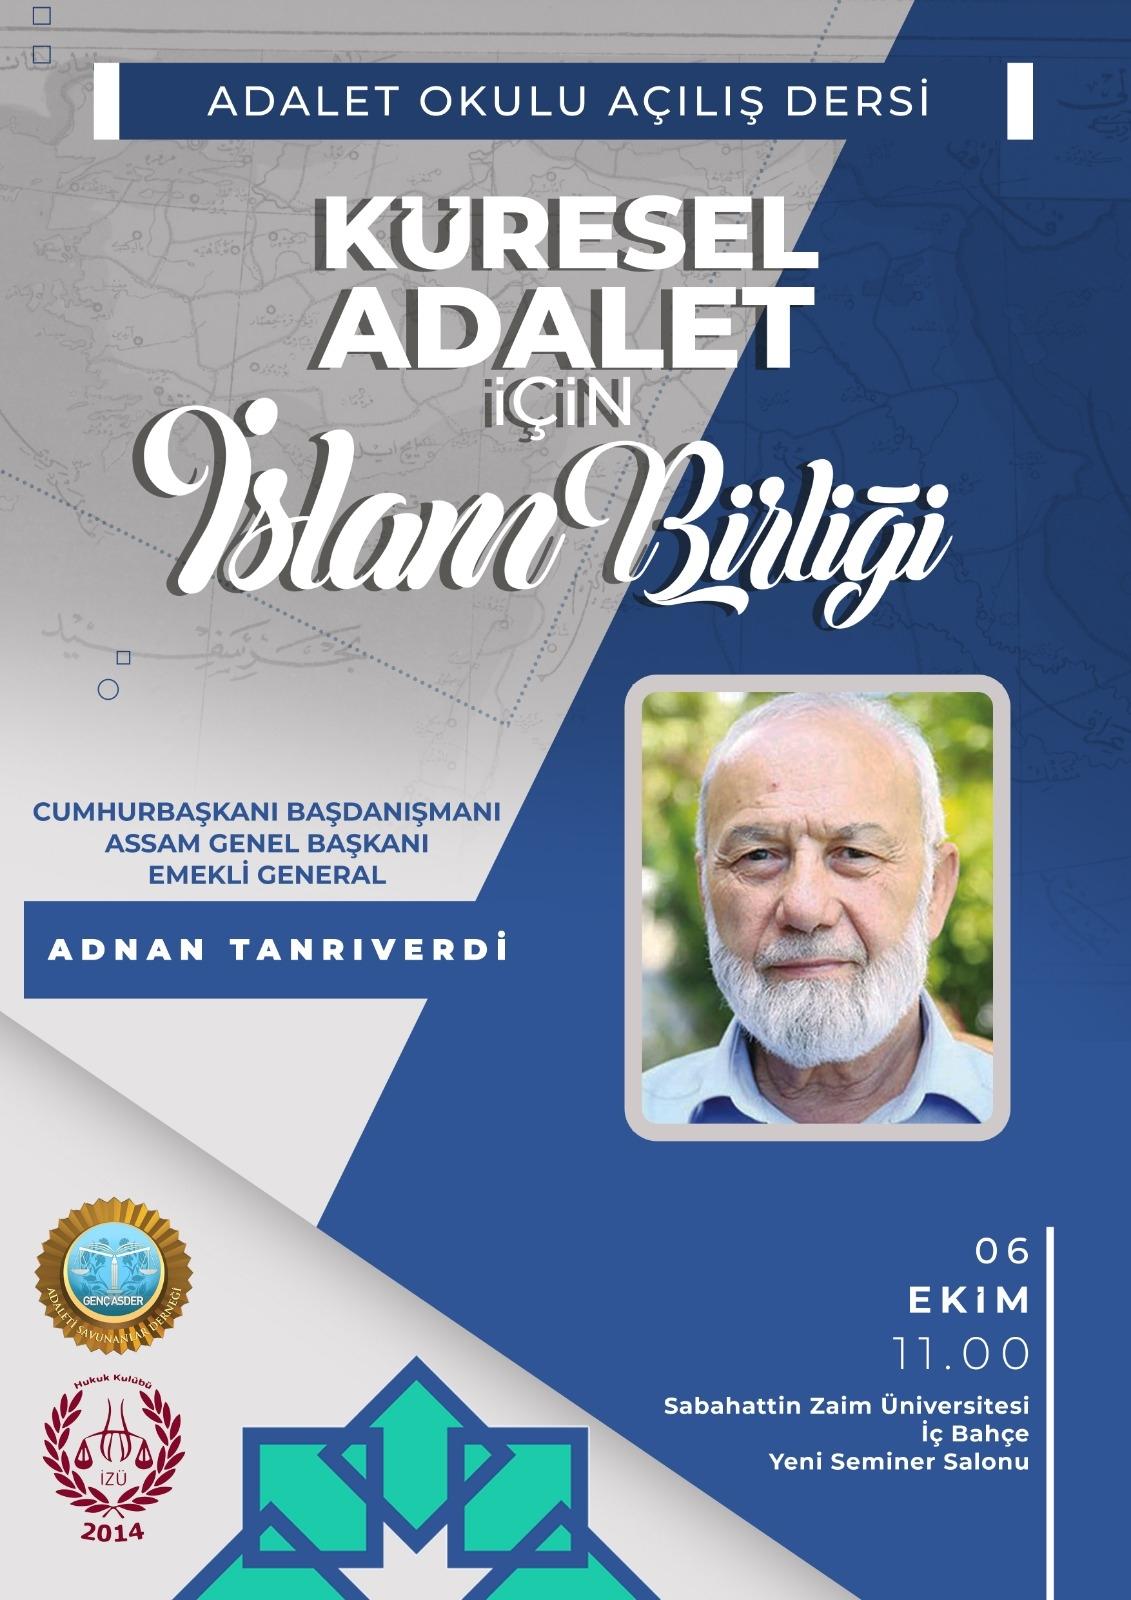 IASSAM Yönetim Kurulu Başkanı Sn Adnan Tanrıverdi'nin Sabahattin Zaim Üniversitesindeki Sunumu